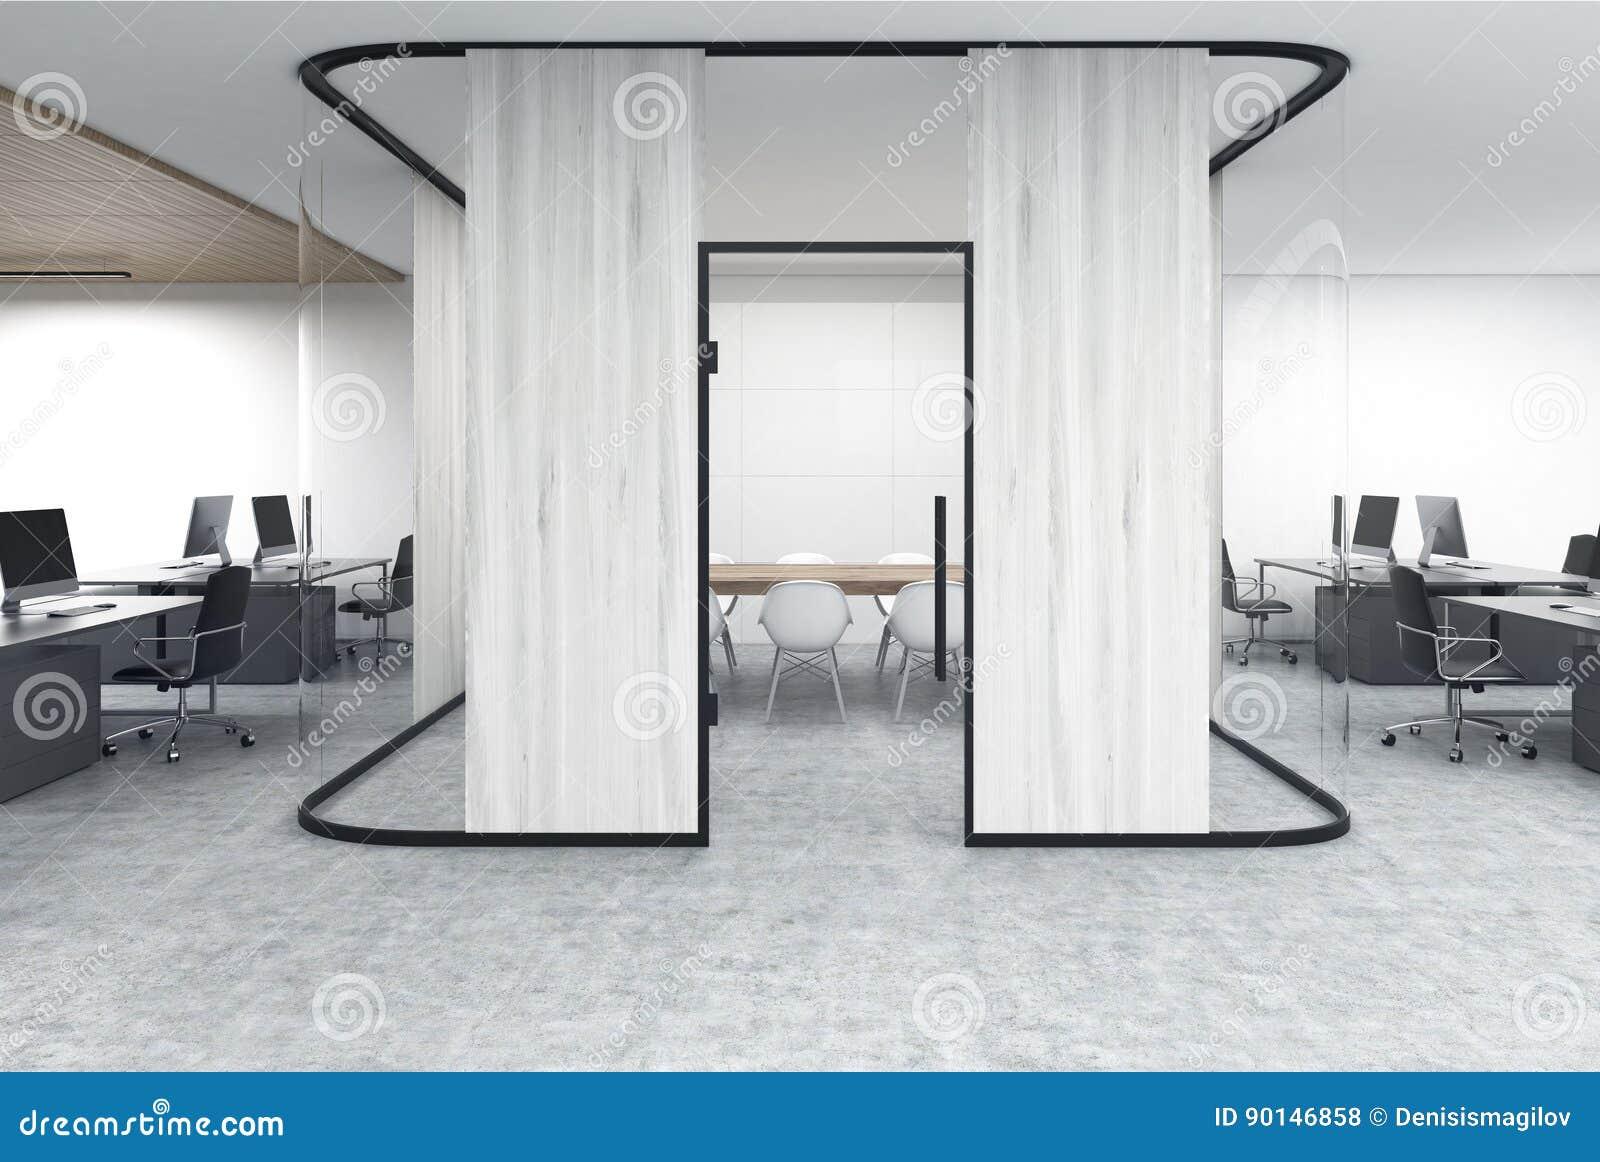 Ufficio Legno Bianco : Apra lufficio con un acquario di legno bianco illustrazione di